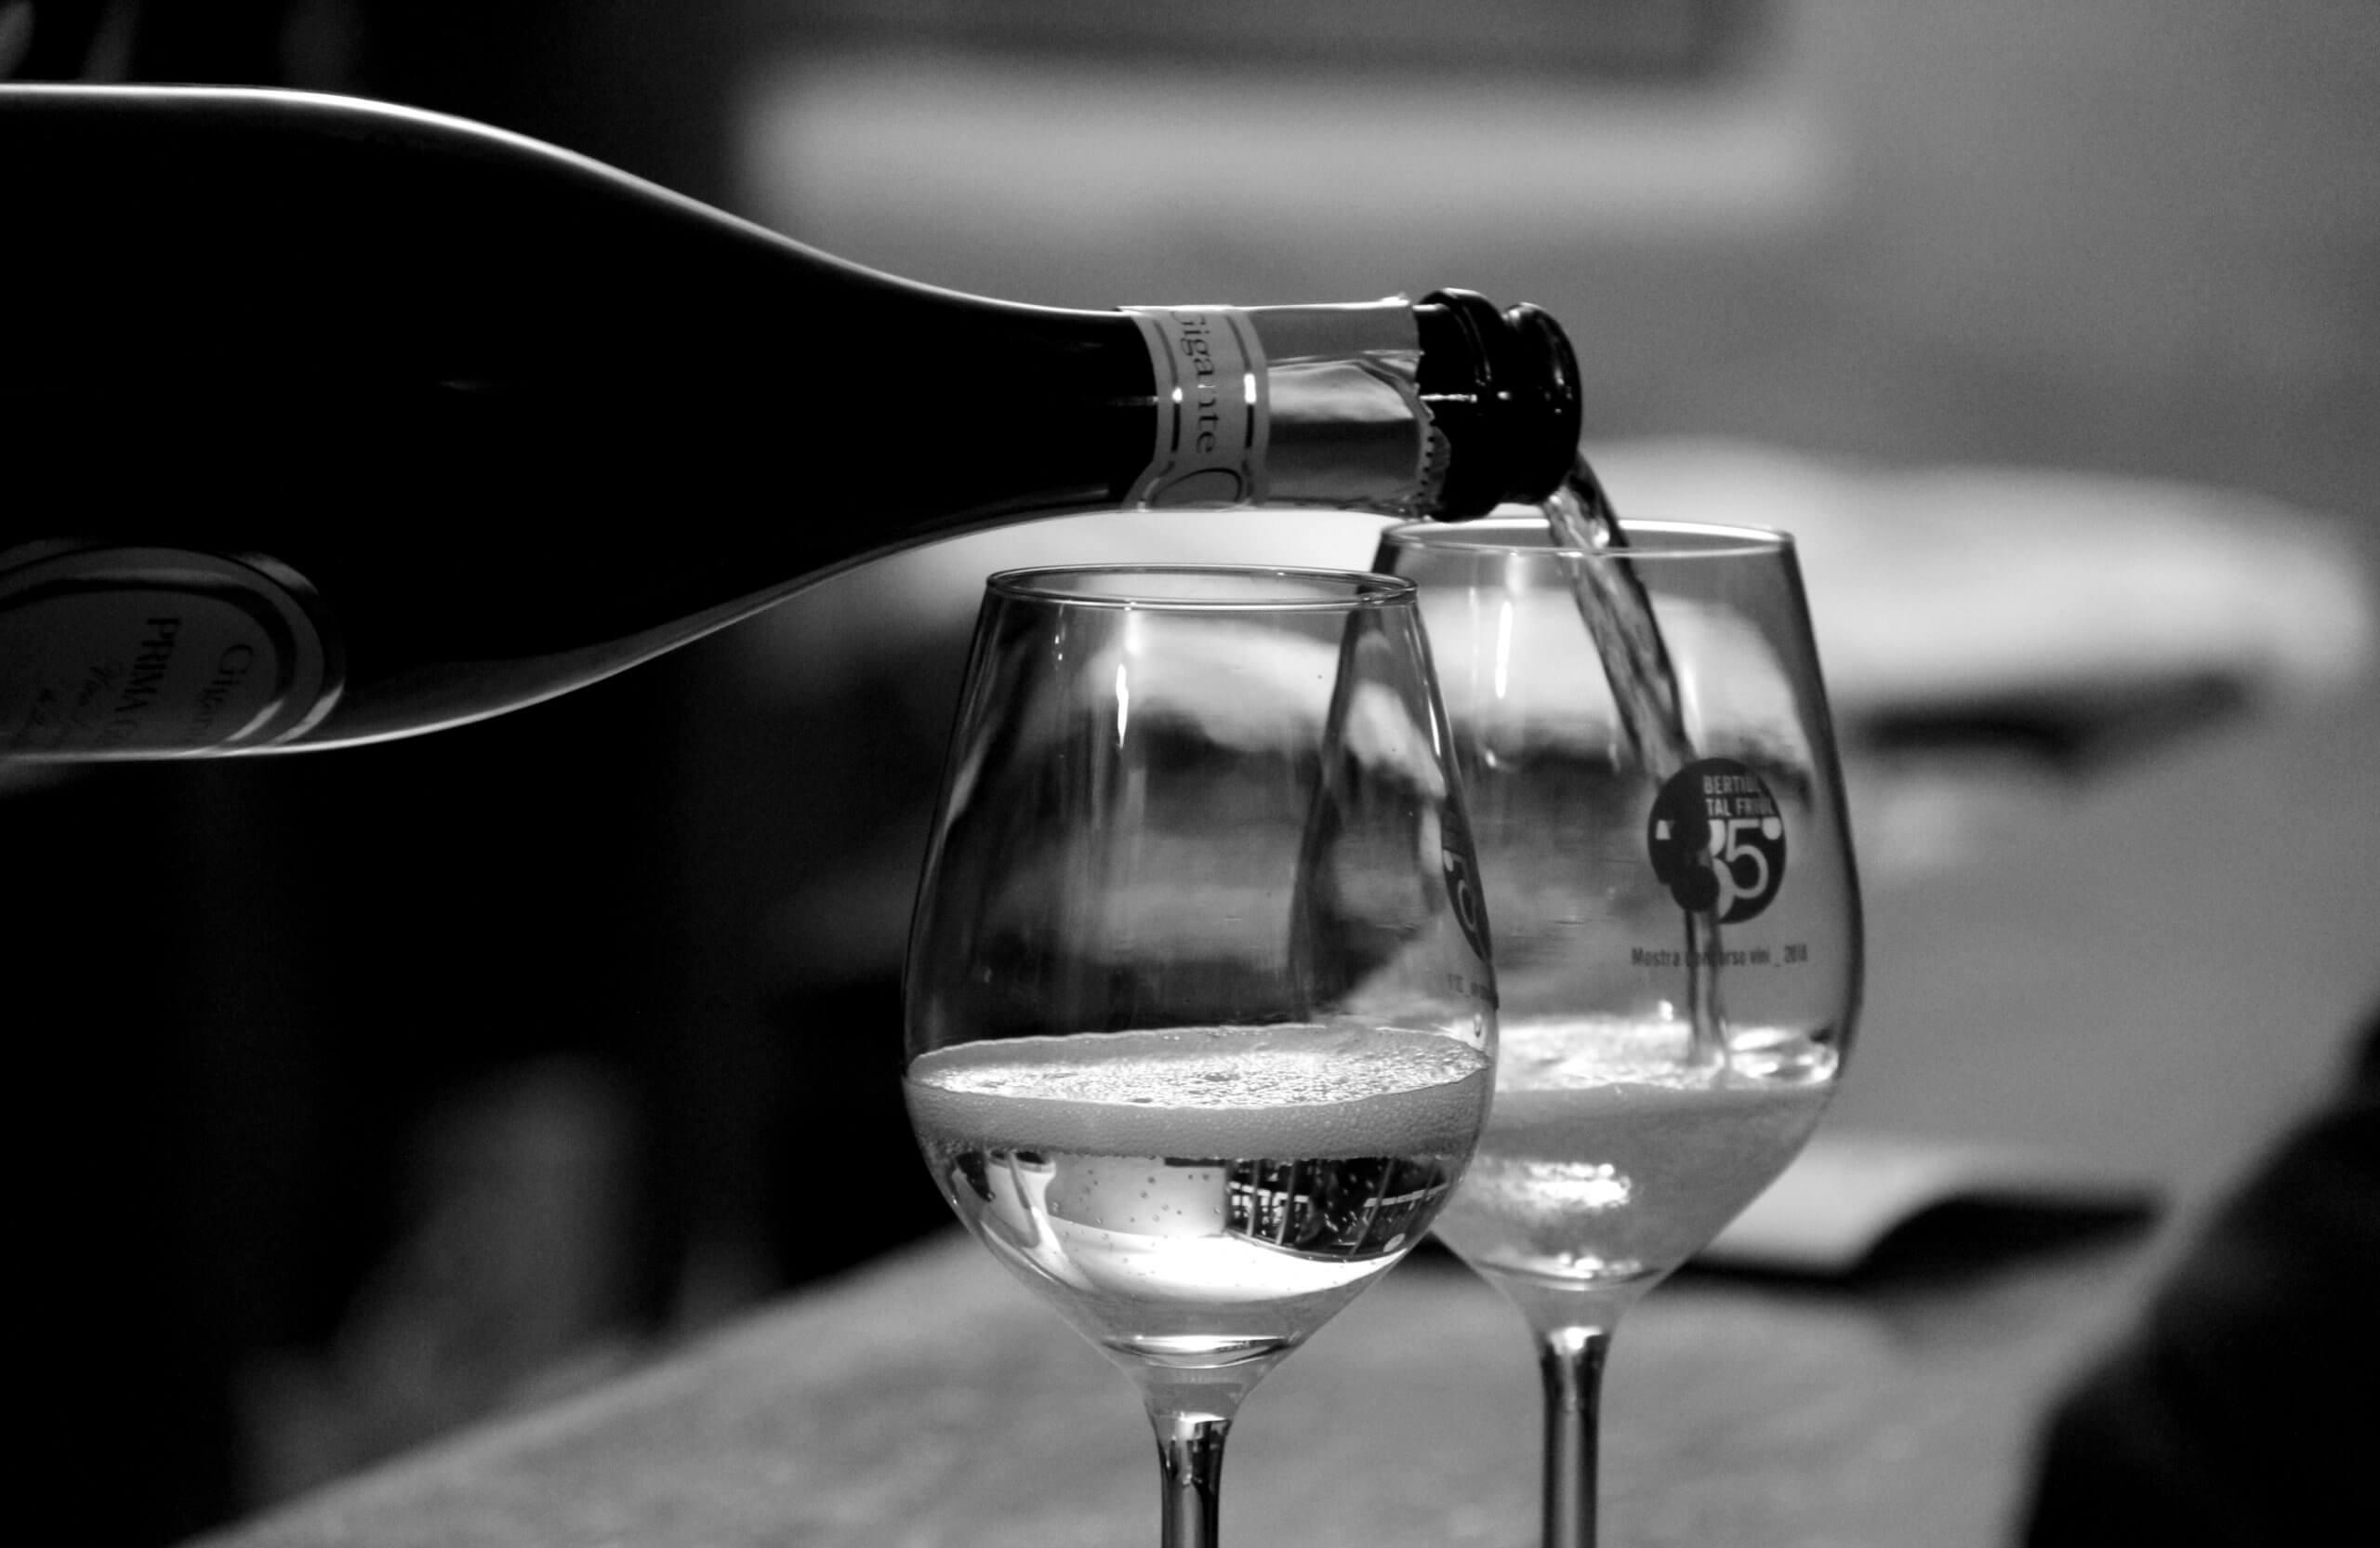 Gli Organismi di certificazione del vino italiano sono al fianco dei produttori – Più autocertificazioni per ridurre accessi alle aziende e garantire la continuità operativa